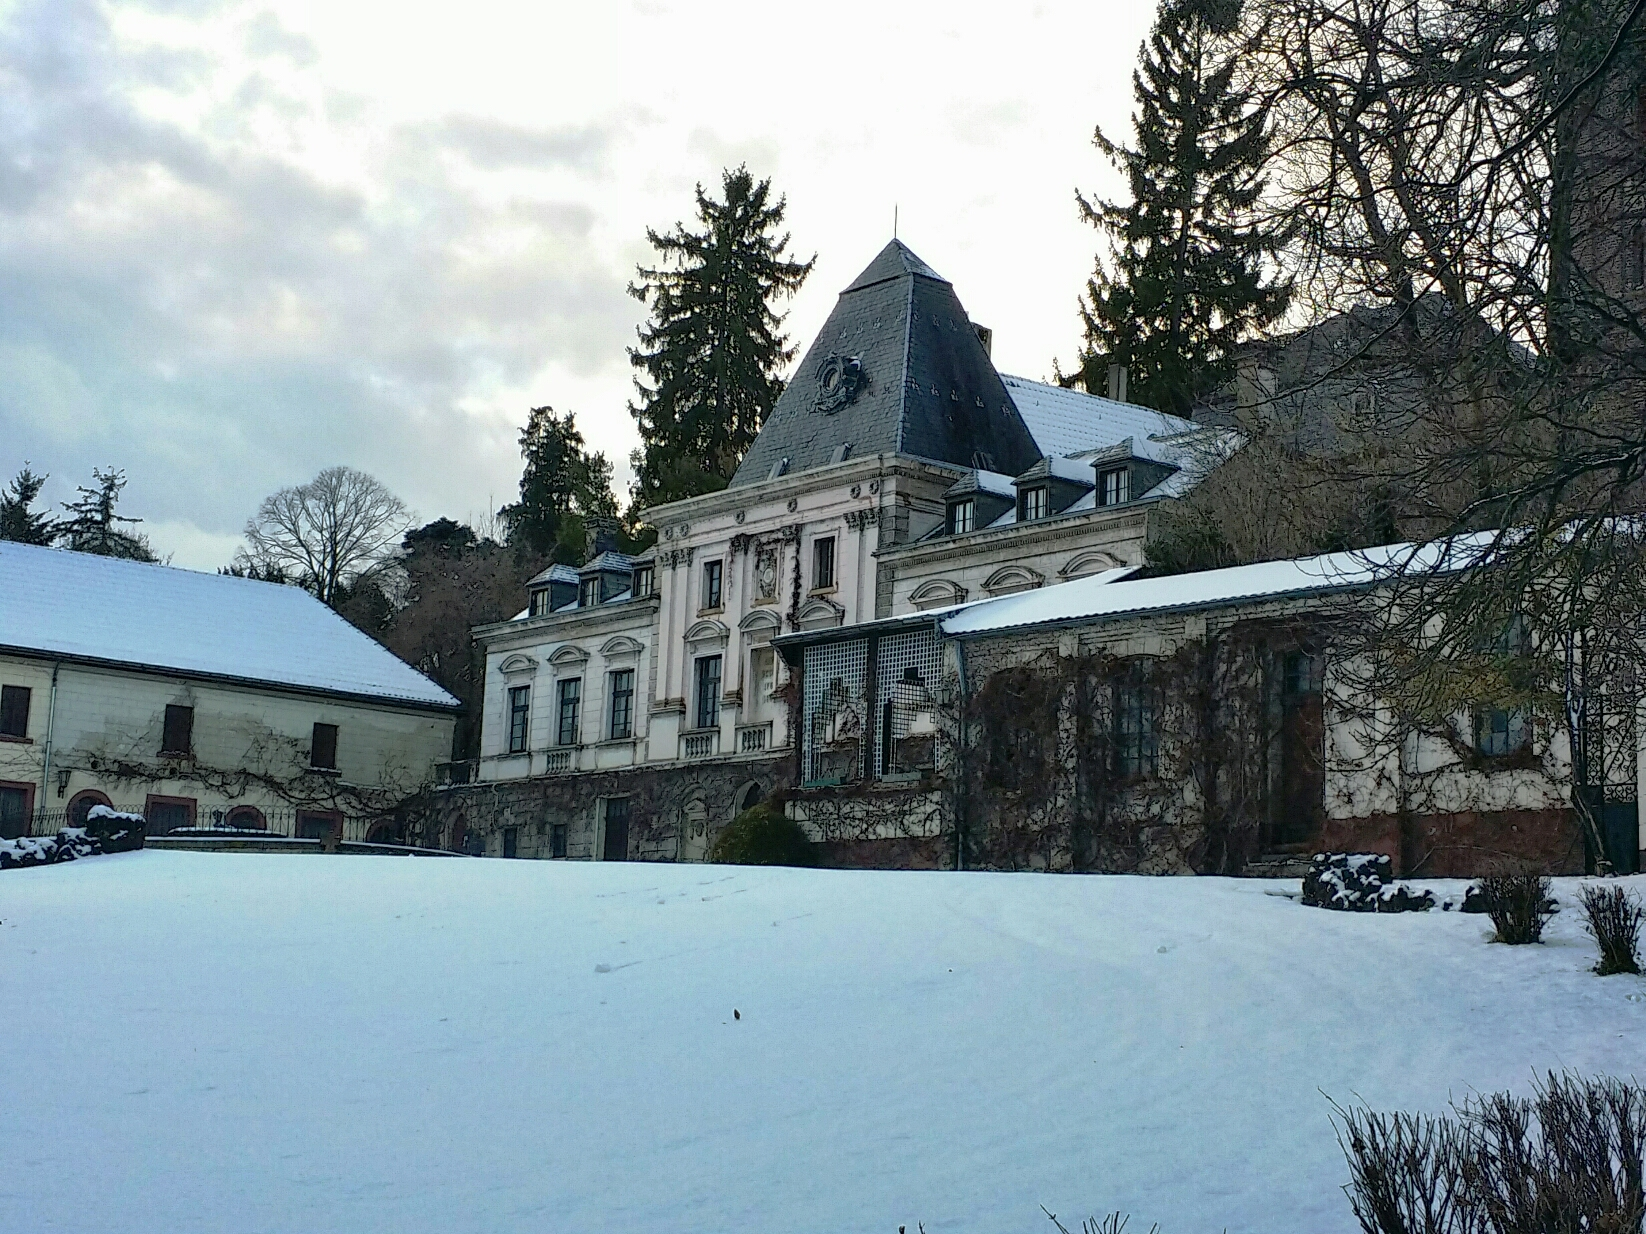 Kommern - Burg